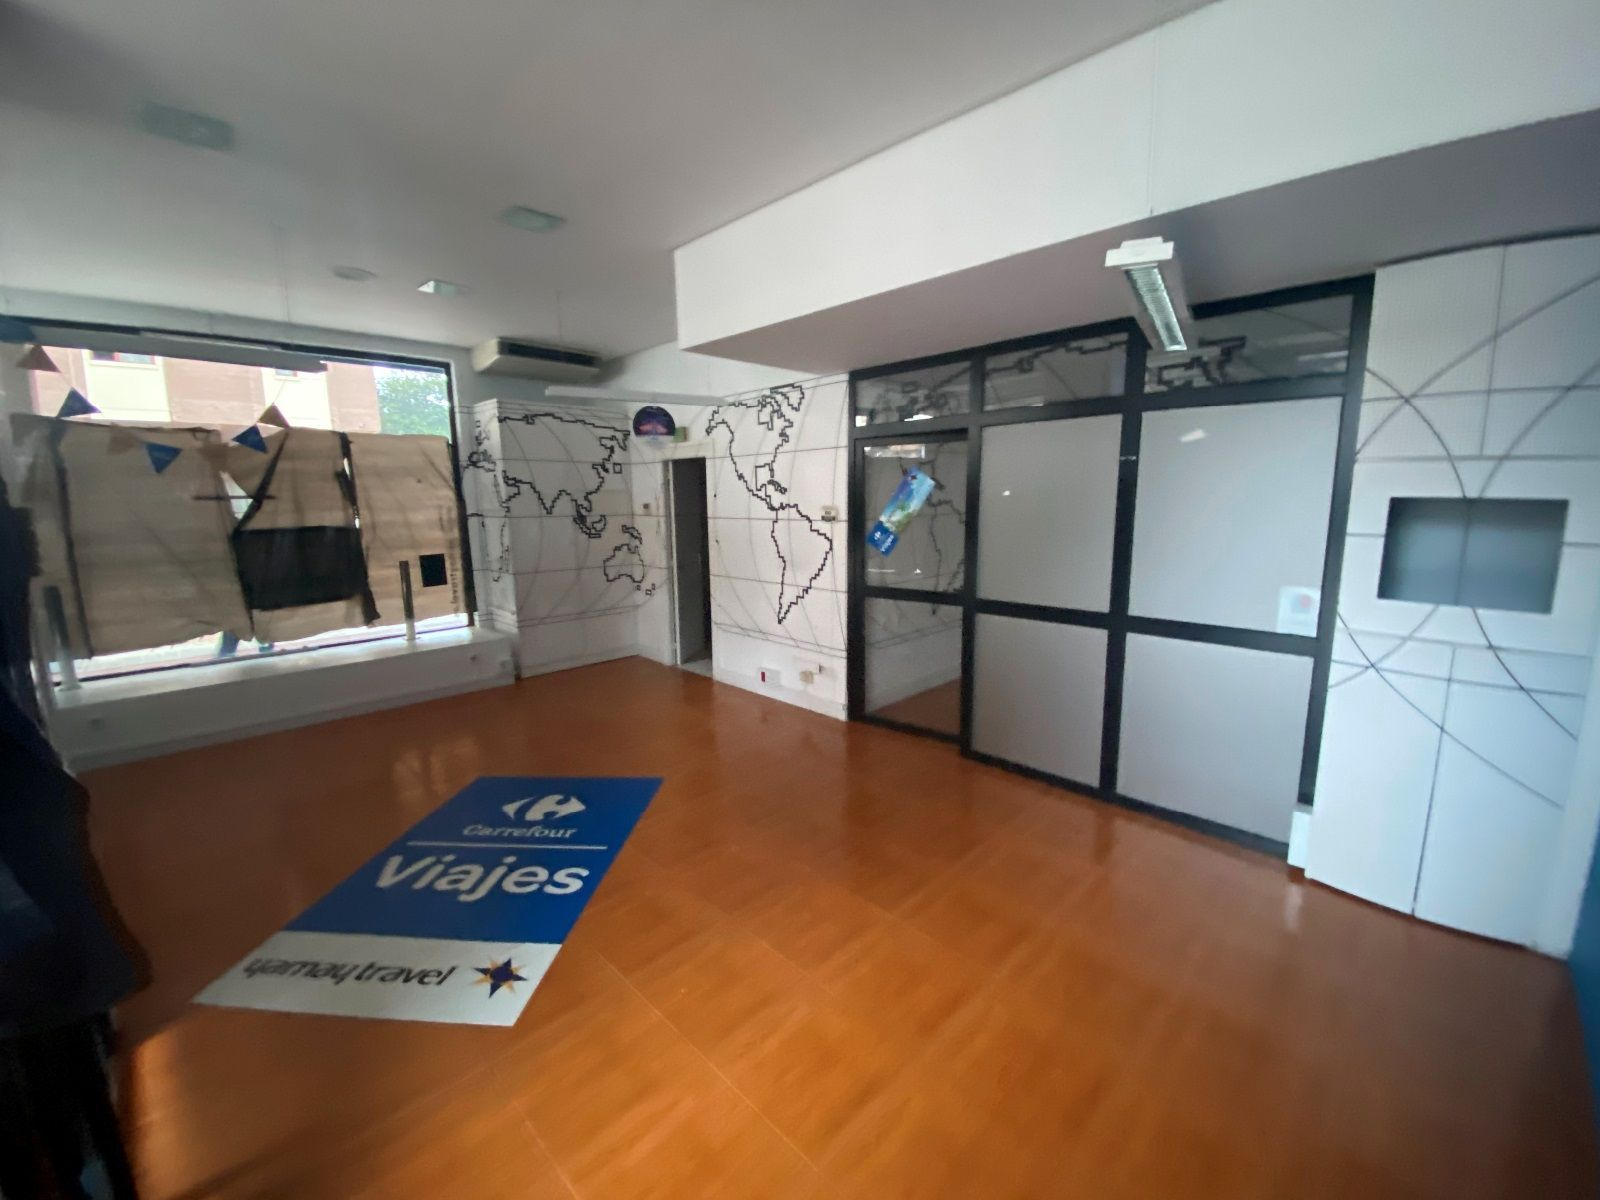 dia.mobiliagestion.es/Portals/inmoatrio/Images/7270/6016547